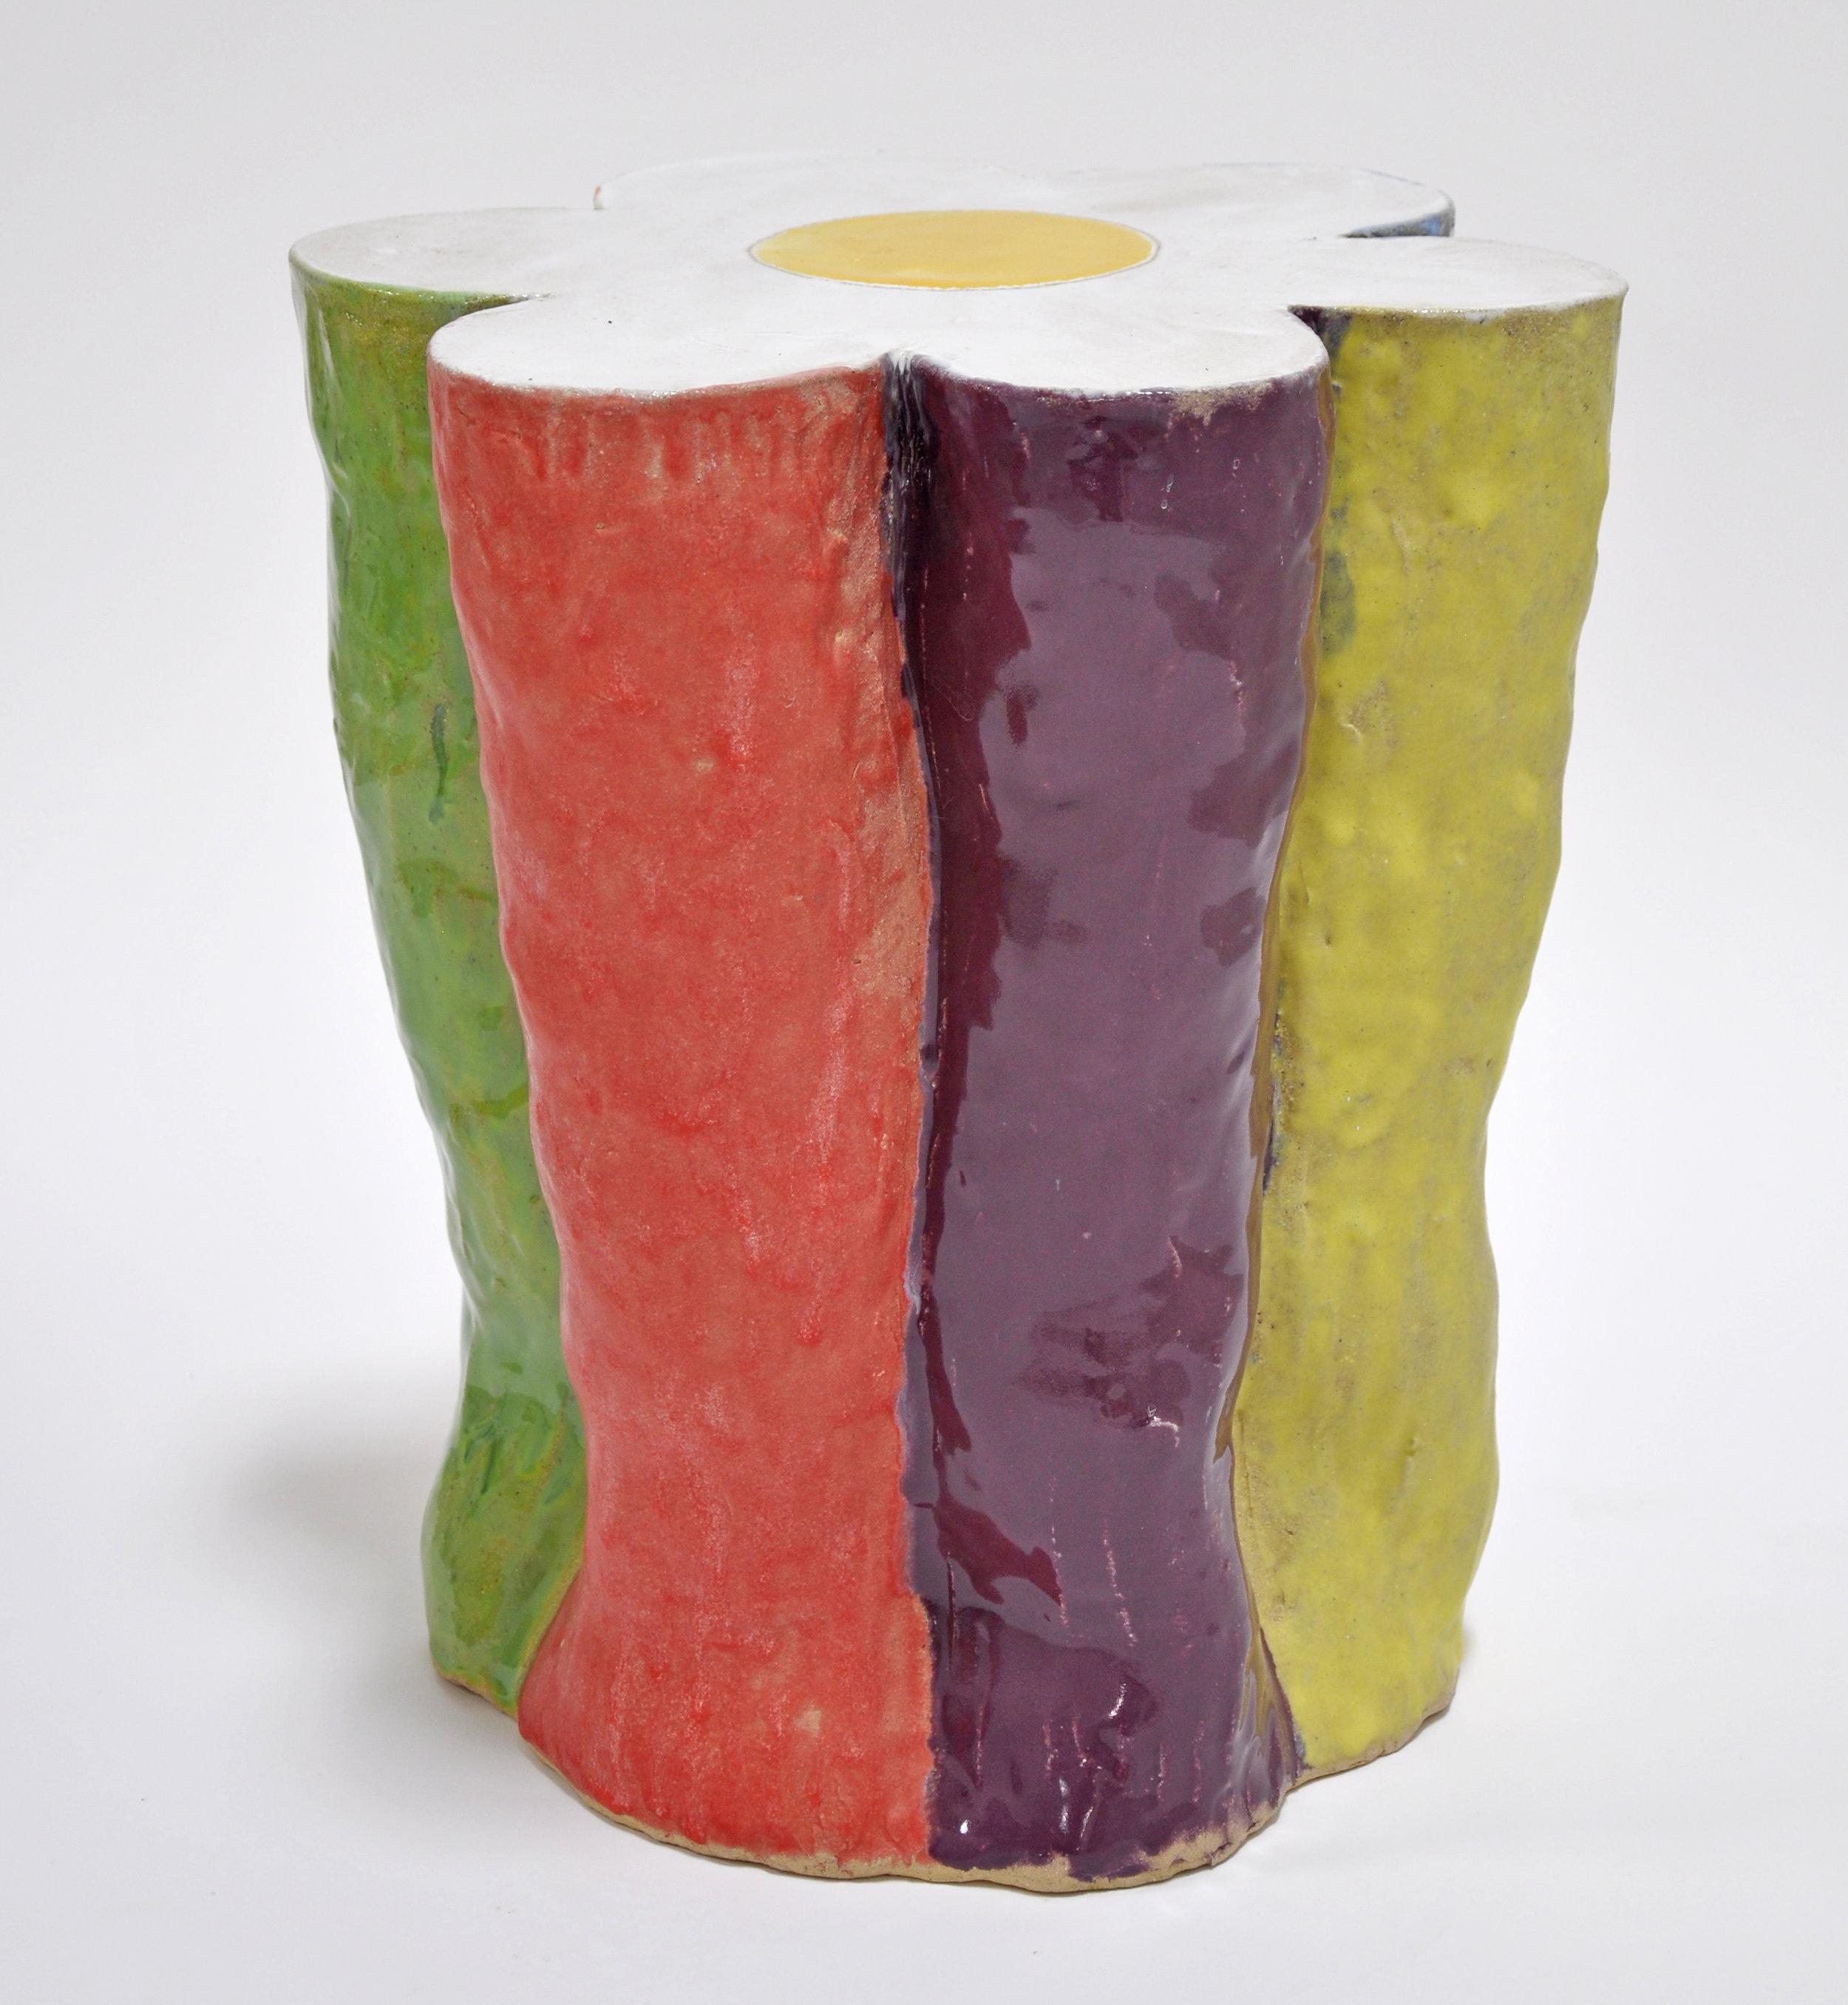 Nick Makanna, Flower Stool II, 18 x 16 x 15 in, Glazed ceramic, 2019